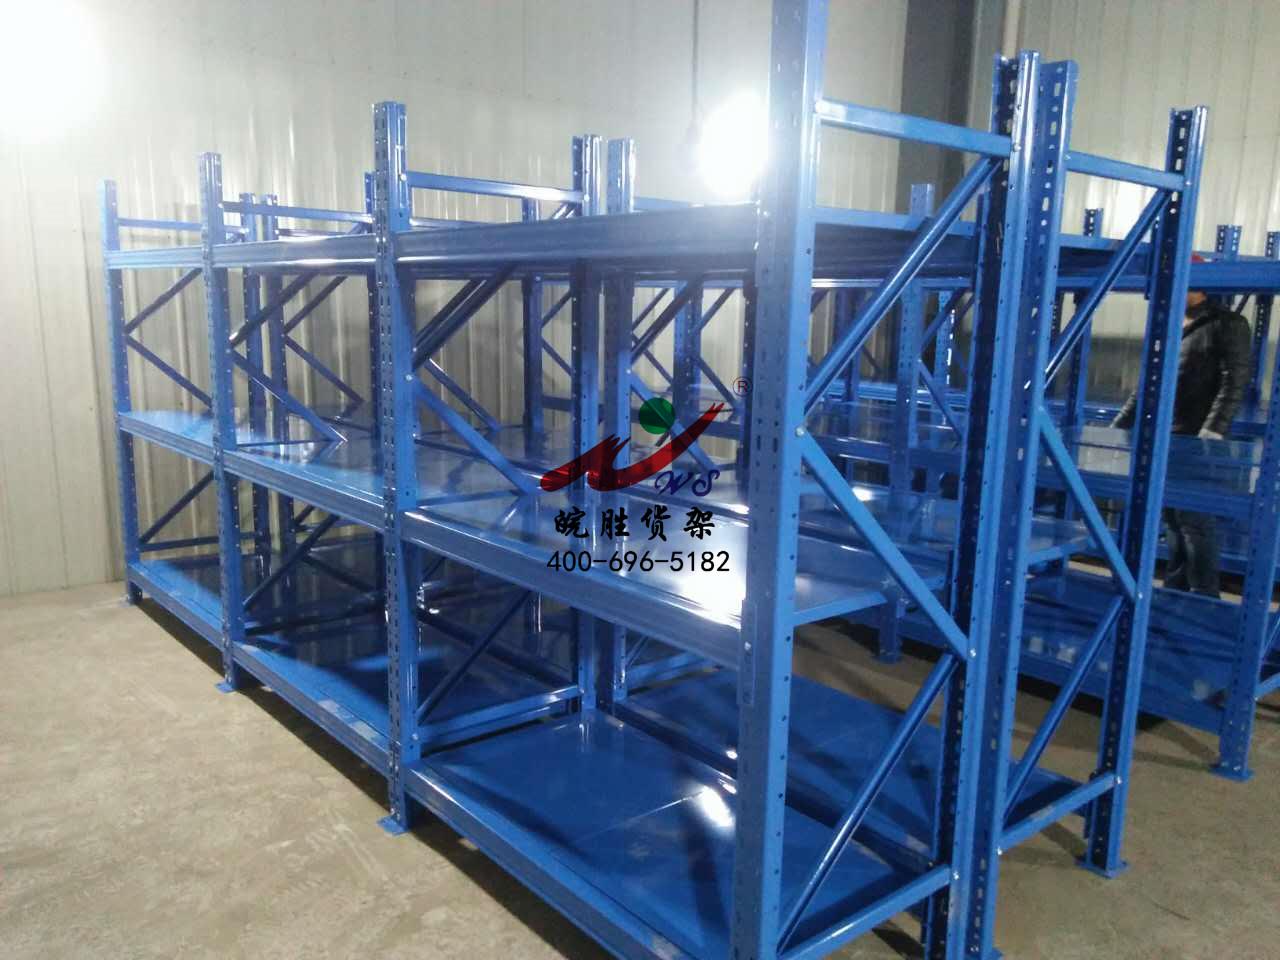 中型货架在人工取货货架类型中的使用特点